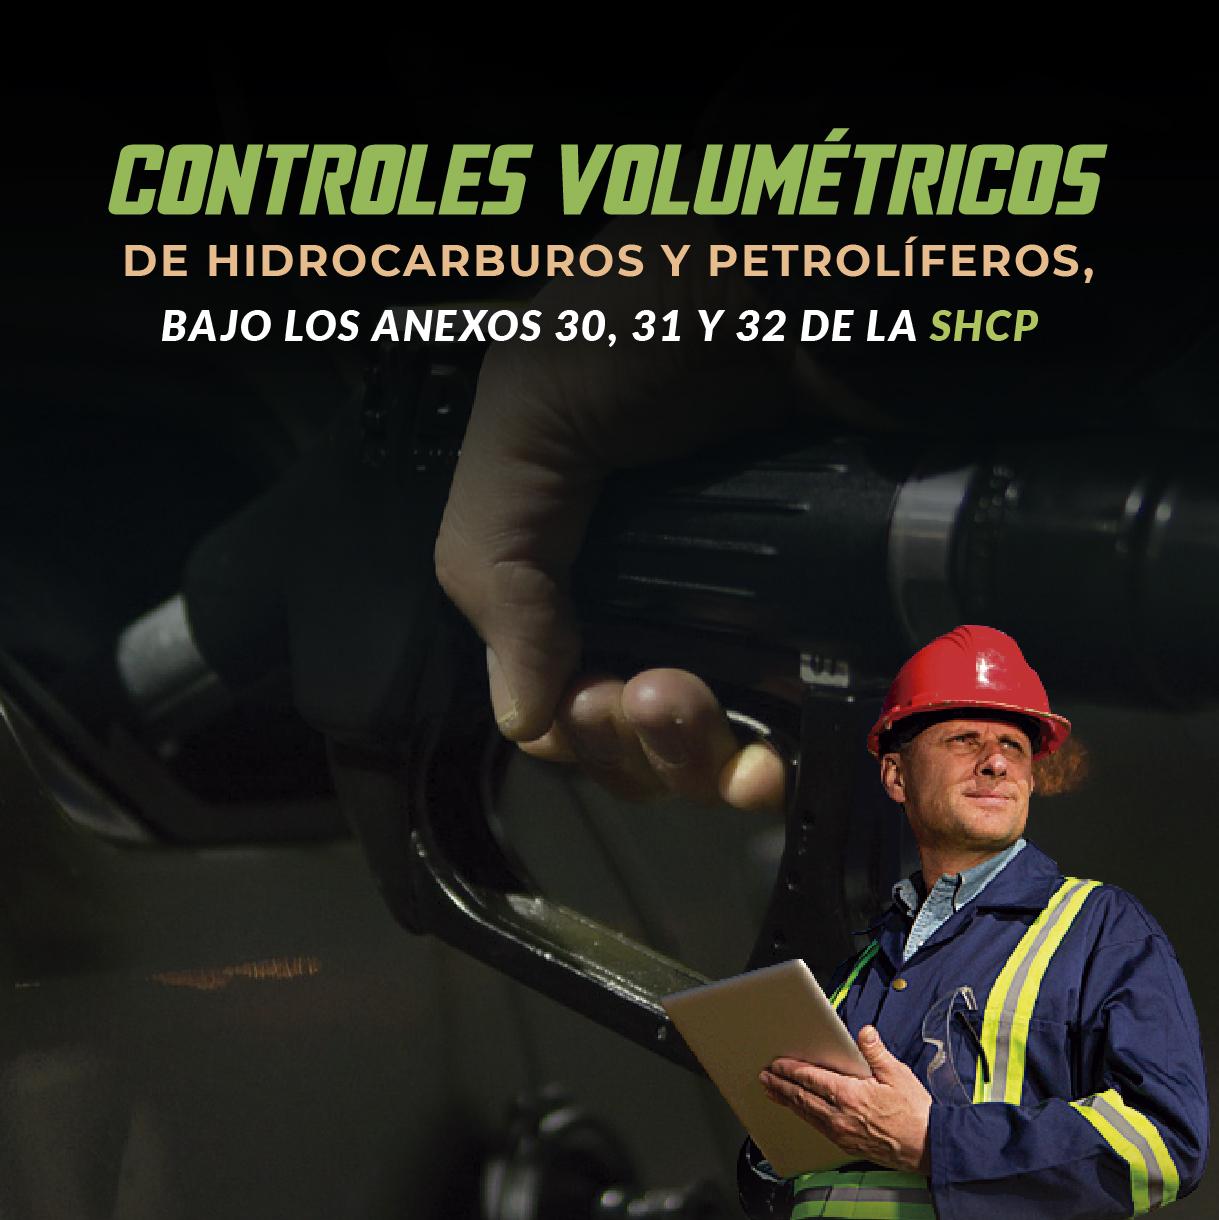 Controles Volumétricos de Hidrocarburos y Petrolíferos, bajo los Anexos 30, 31 y 32 de la SHCP